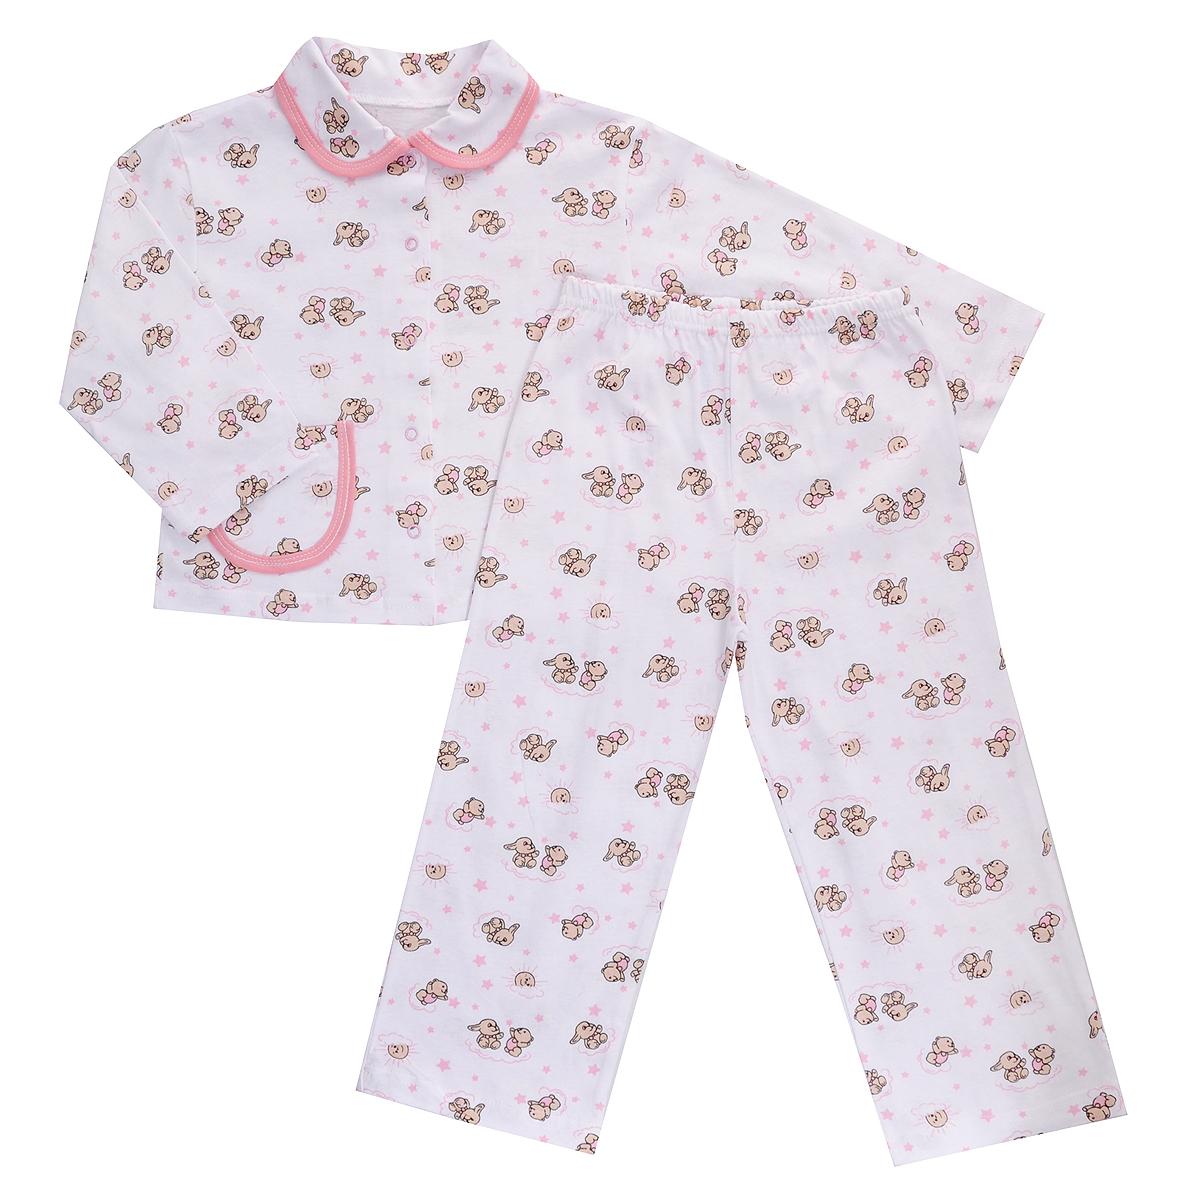 Пижама детская Трон-плюс, цвет: белый розовый рисунок зайцы. 5562. Размер 86/92, 2-3 года5562Яркая детская пижама Трон-плюс, состоящая из кофточки и штанишек, идеально подойдет вашему малышу и станет отличным дополнением к детскому гардеробу. Теплая пижама, изготовленная из кулирки - натурального хлопка, необычайно мягкая и легкая, не сковывает движения ребенка, позволяет коже дышать и не раздражает даже самую нежную и чувствительную кожу малыша. Кофта с длинными рукавами имеет отложной воротничок и застегивается на кнопки, также оформлена небольшим накладным карманчиком. Штанишки на удобной резинке не сдавливают животик ребенка и не сползают.В такой пижаме ваш ребенок будет чувствовать себя комфортно и уютно во время сна.